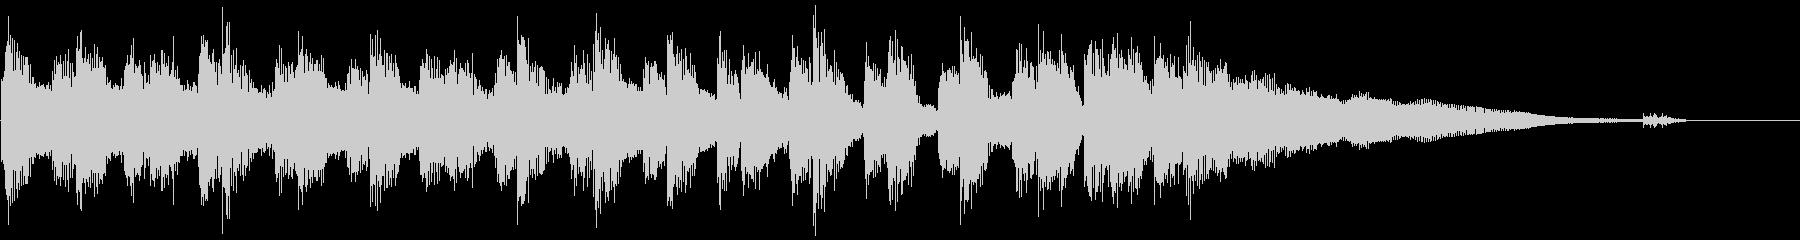 生演奏ギター ブルースジングルの未再生の波形